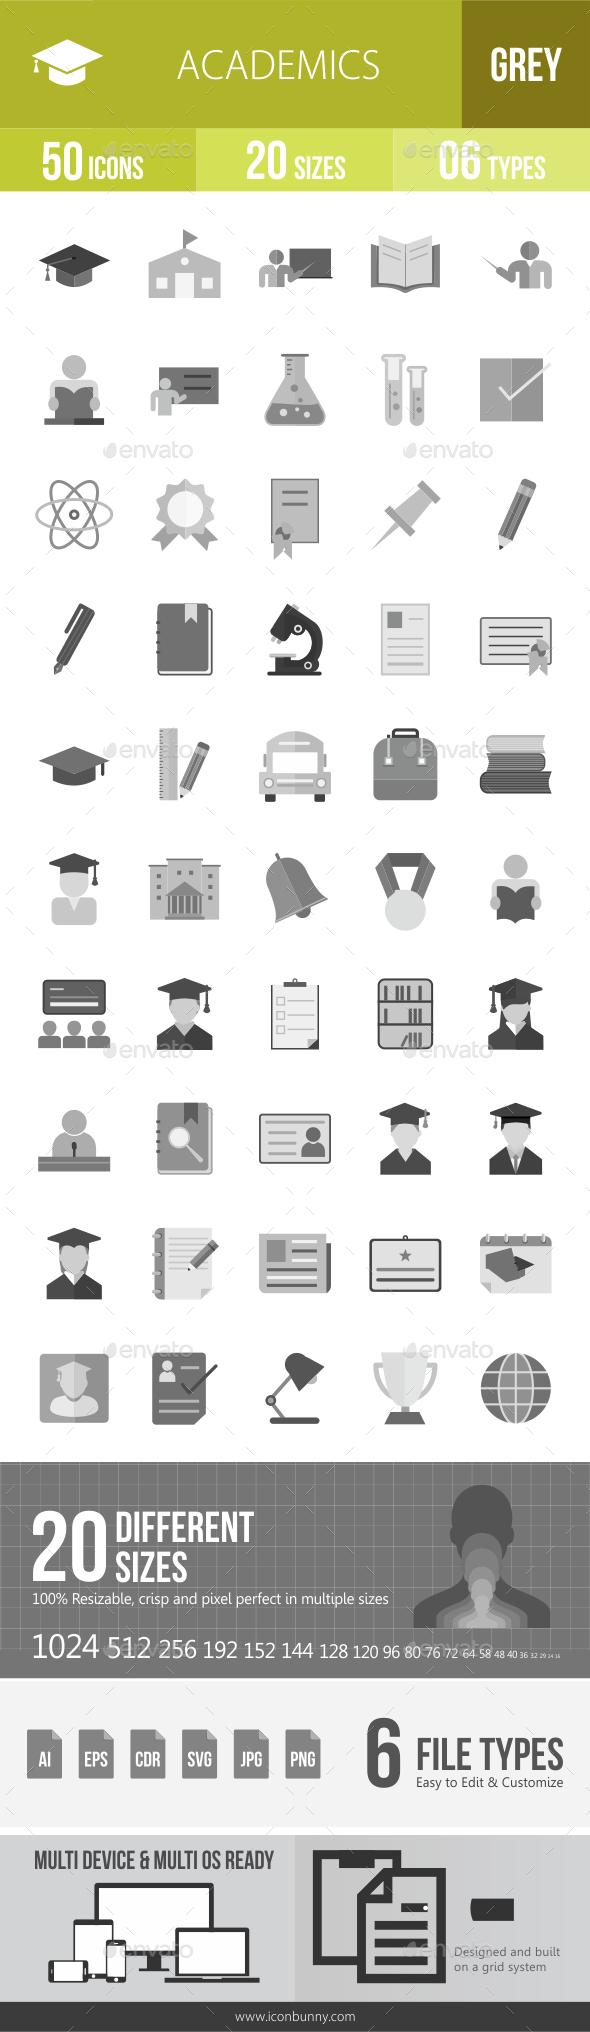 50 Academics Grey Scale Icons - Icons